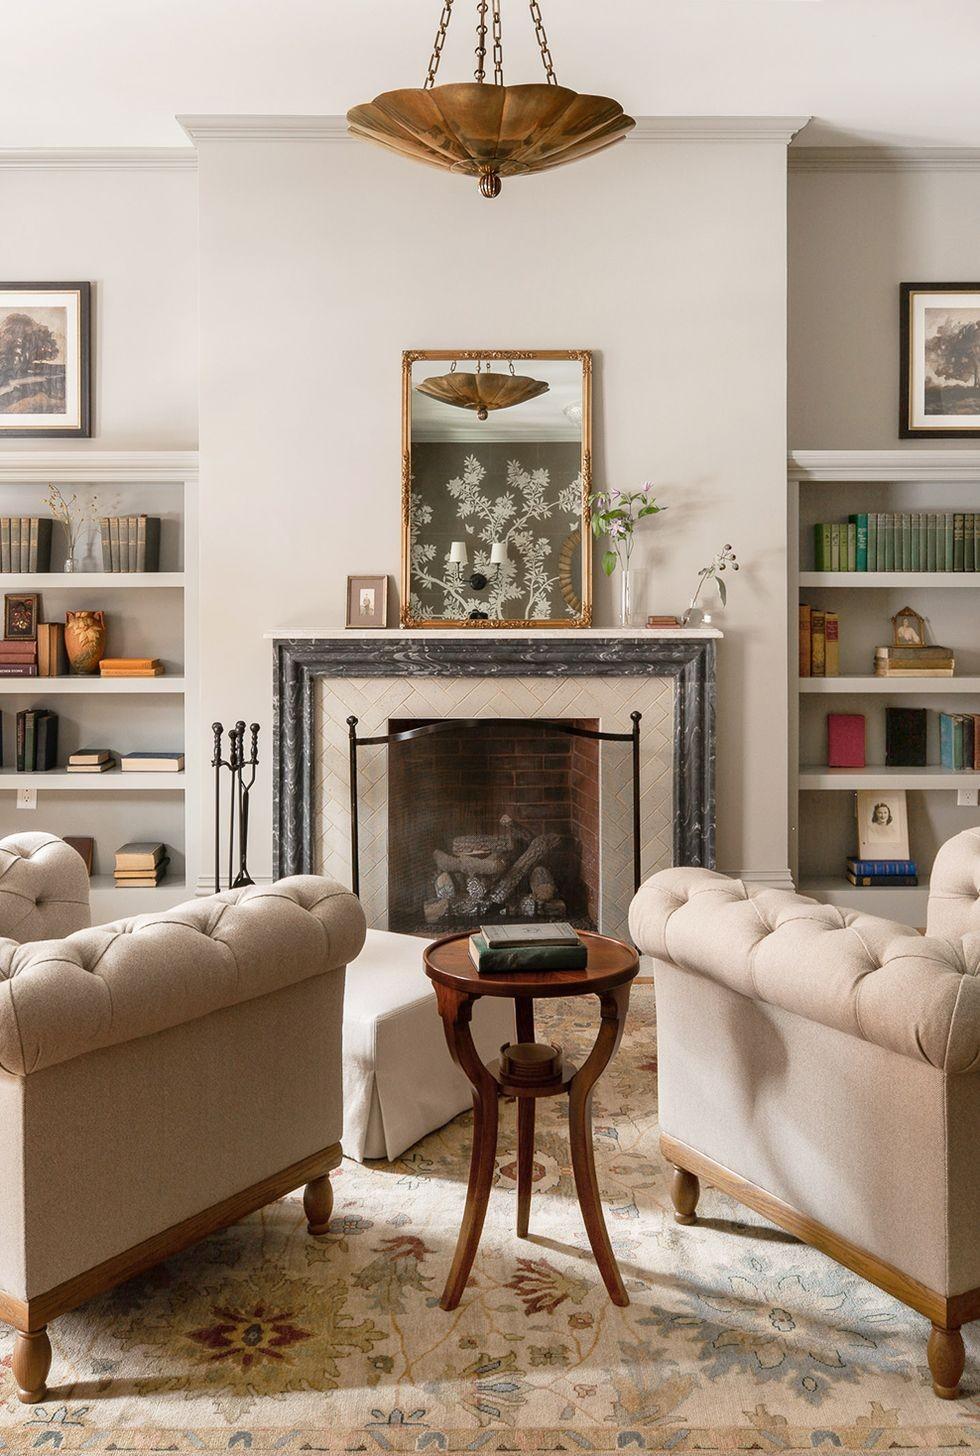 ديكورات ريسبشن صغير ـ استبدال الأريكة بالكراسي